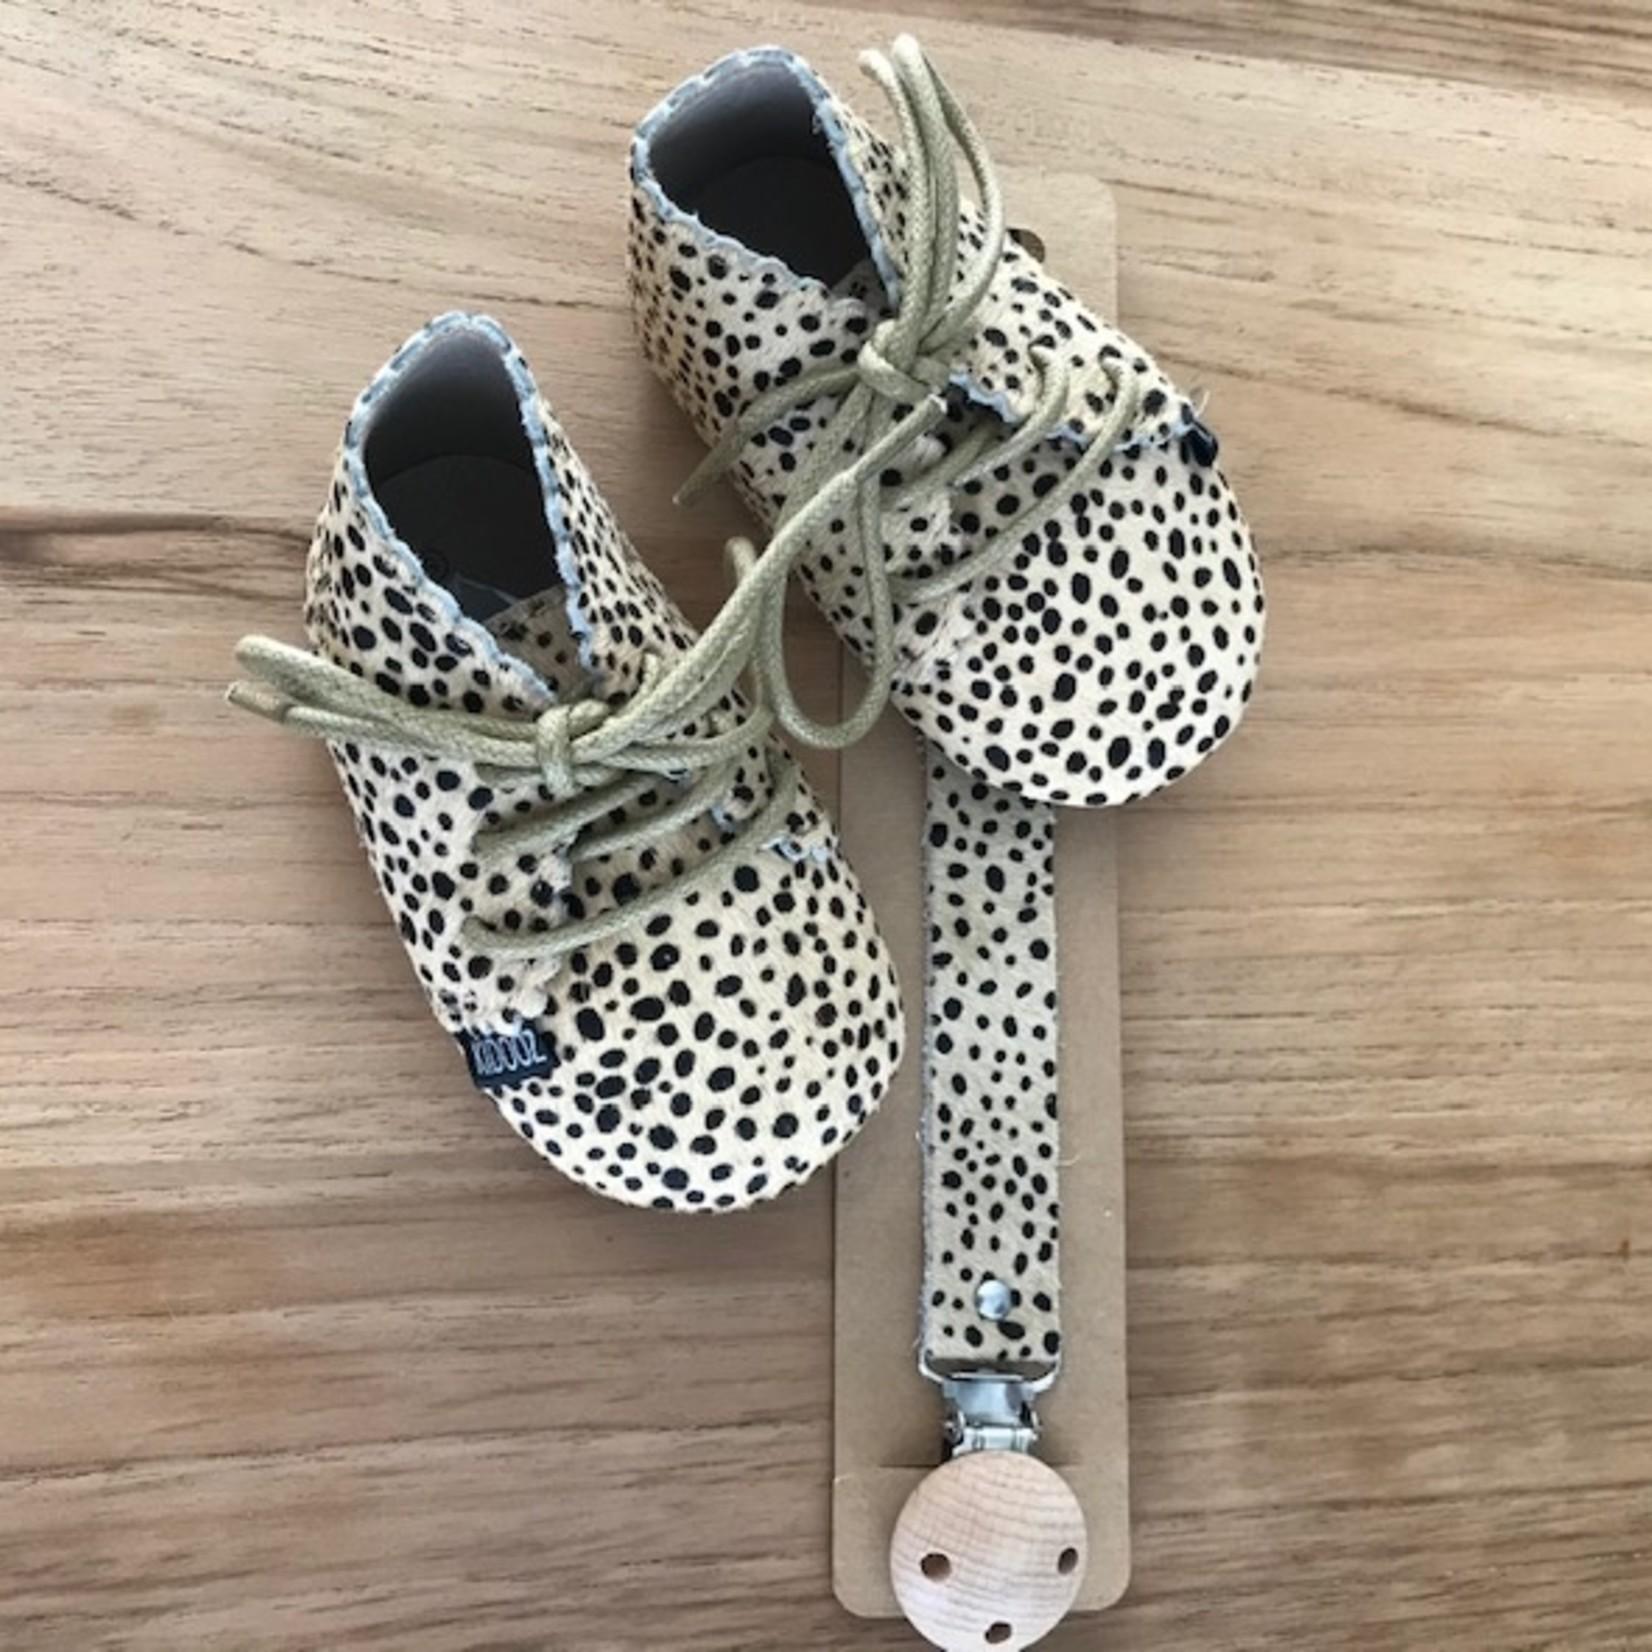 Kidooz Kidooz Chica boots Cheetah